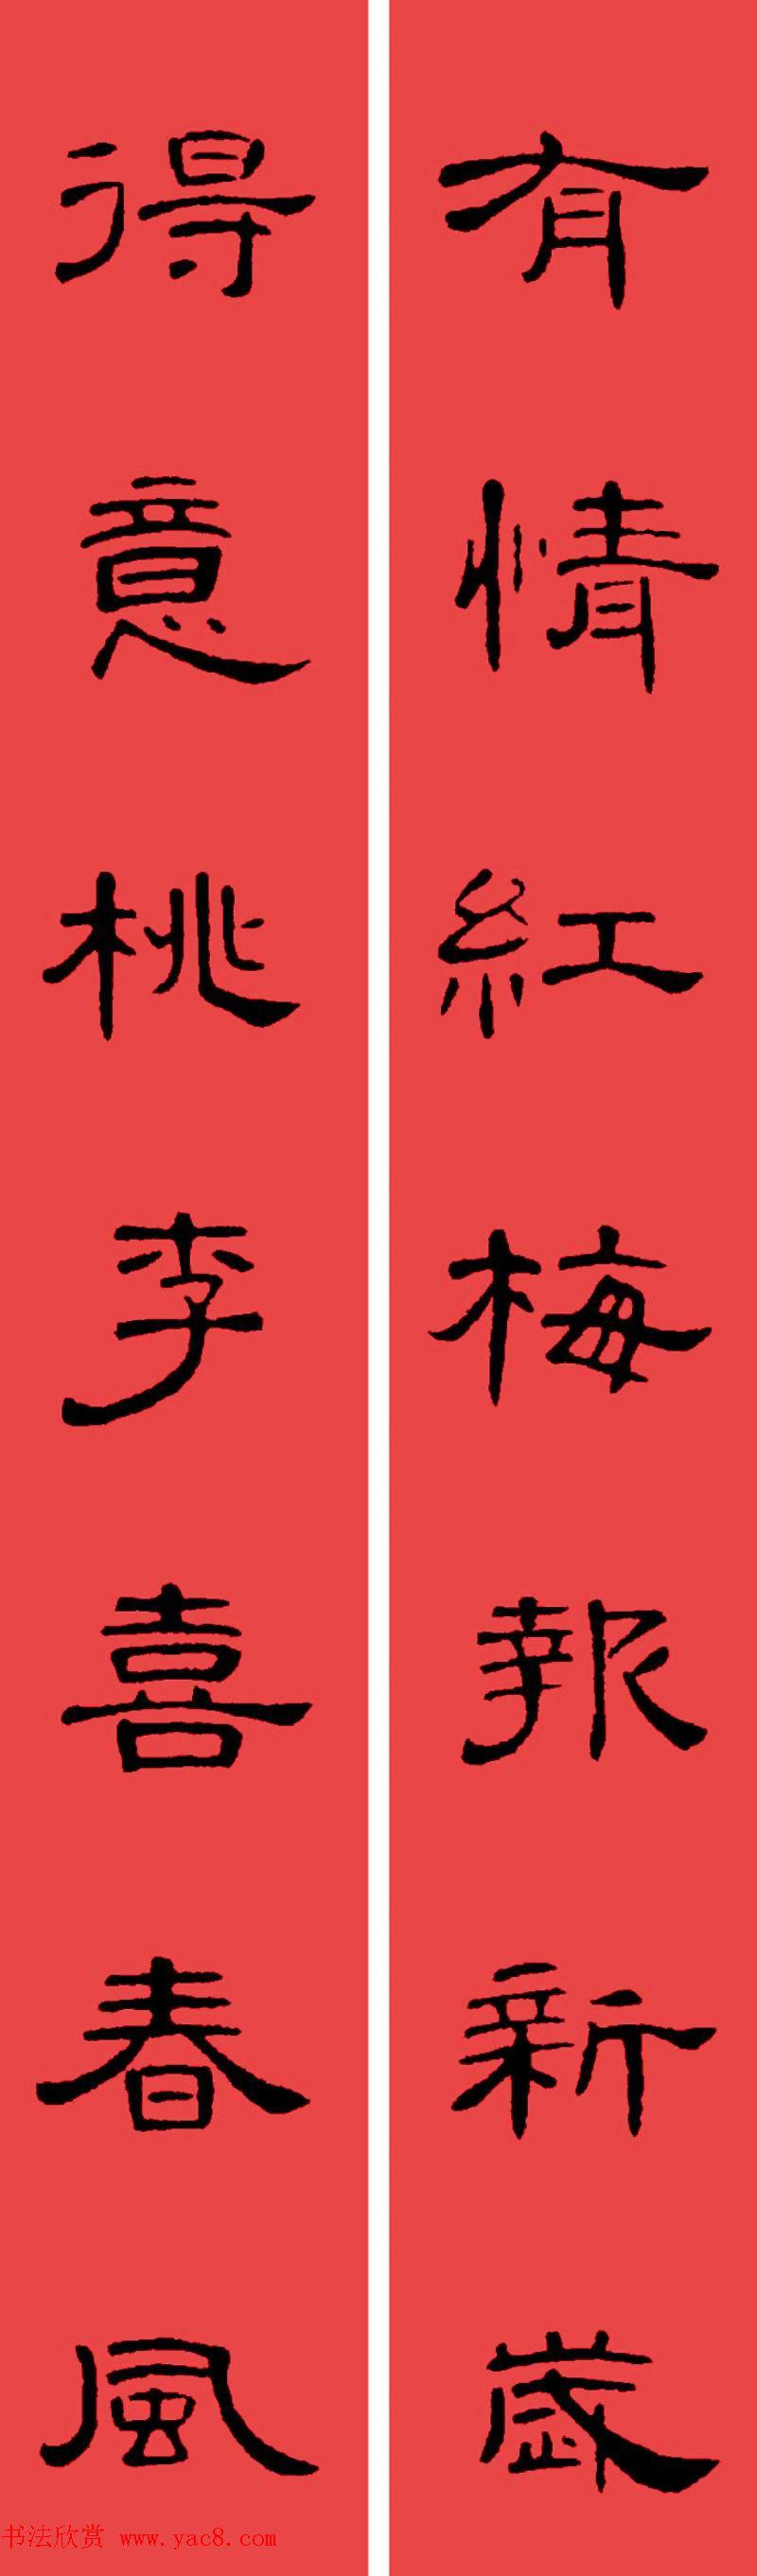 曹全碑集字书法春联30副 横批 第9页 书法专题 书法欣赏图片